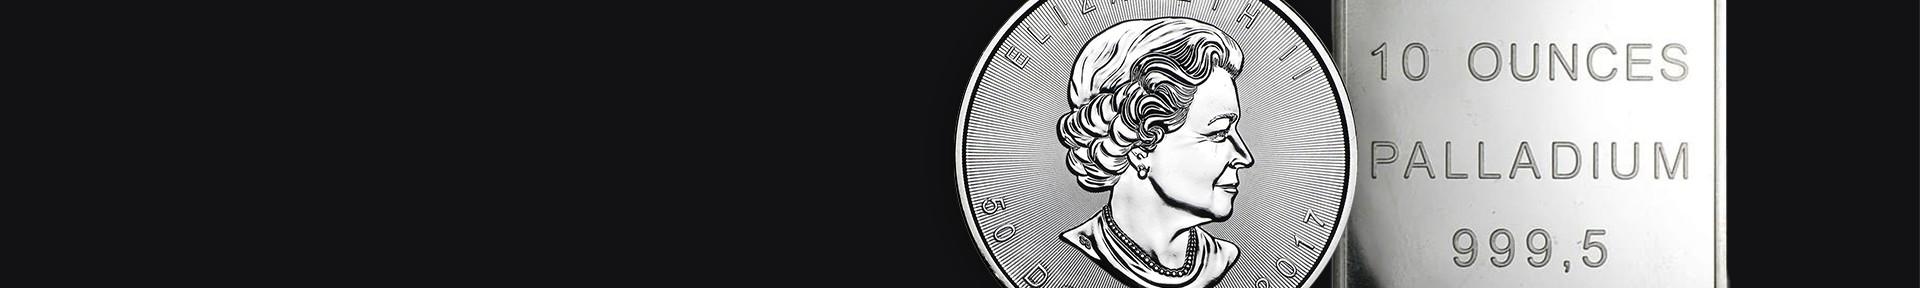 Palladiummünzen kaufen bei Goldwechselhaus